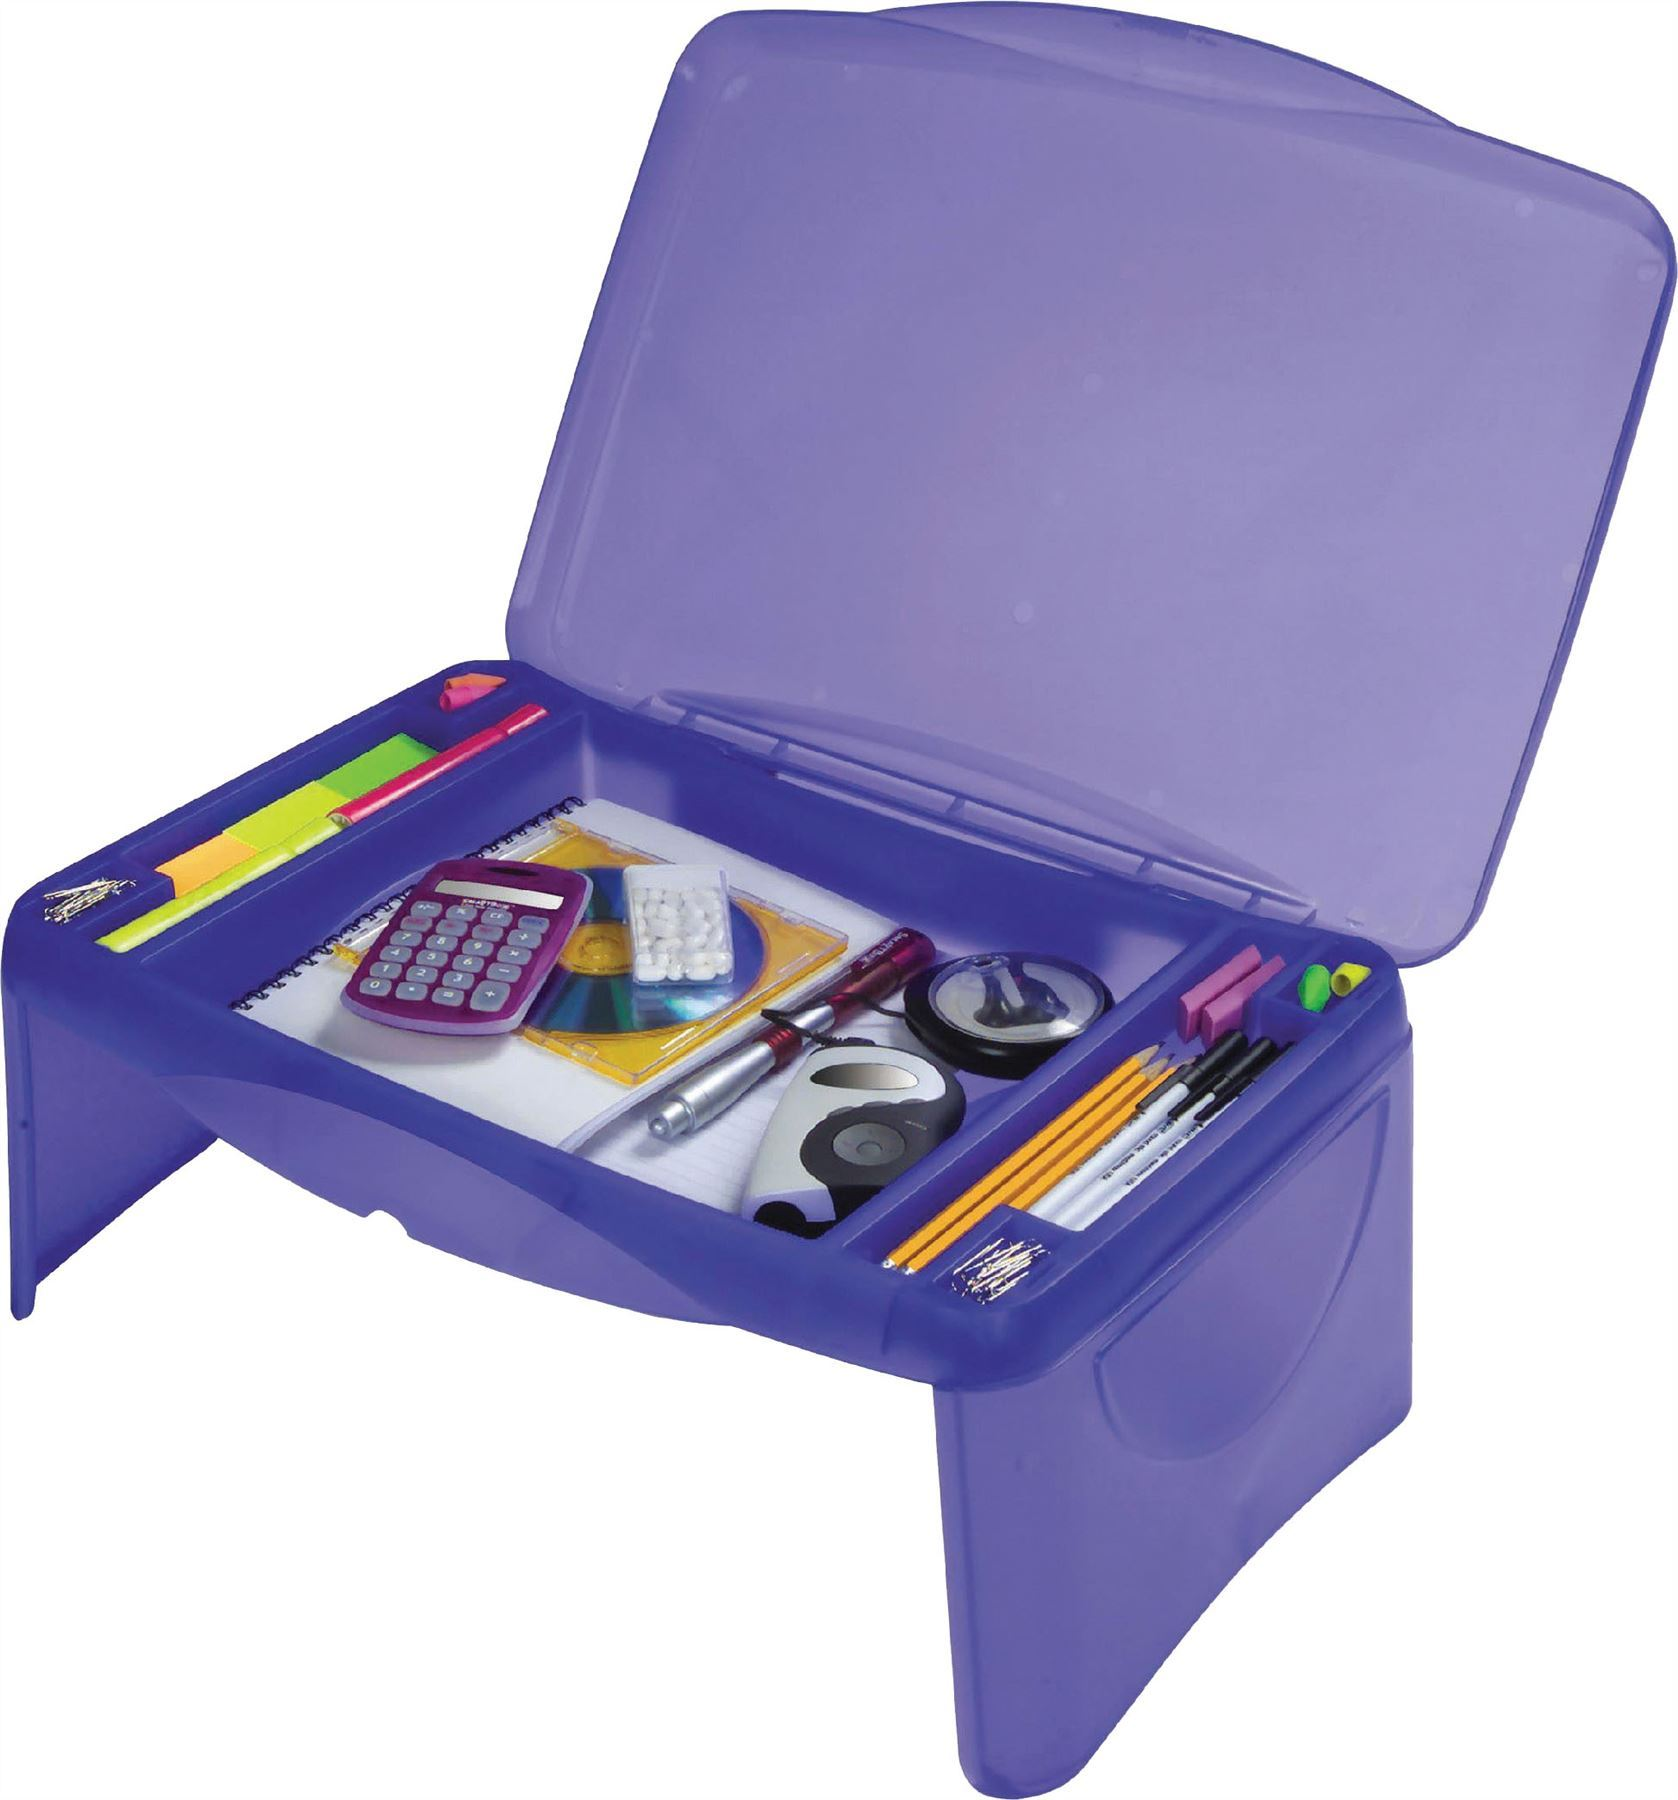 Portable Pc Storage : Portable folding lap desk laptop table box w storage